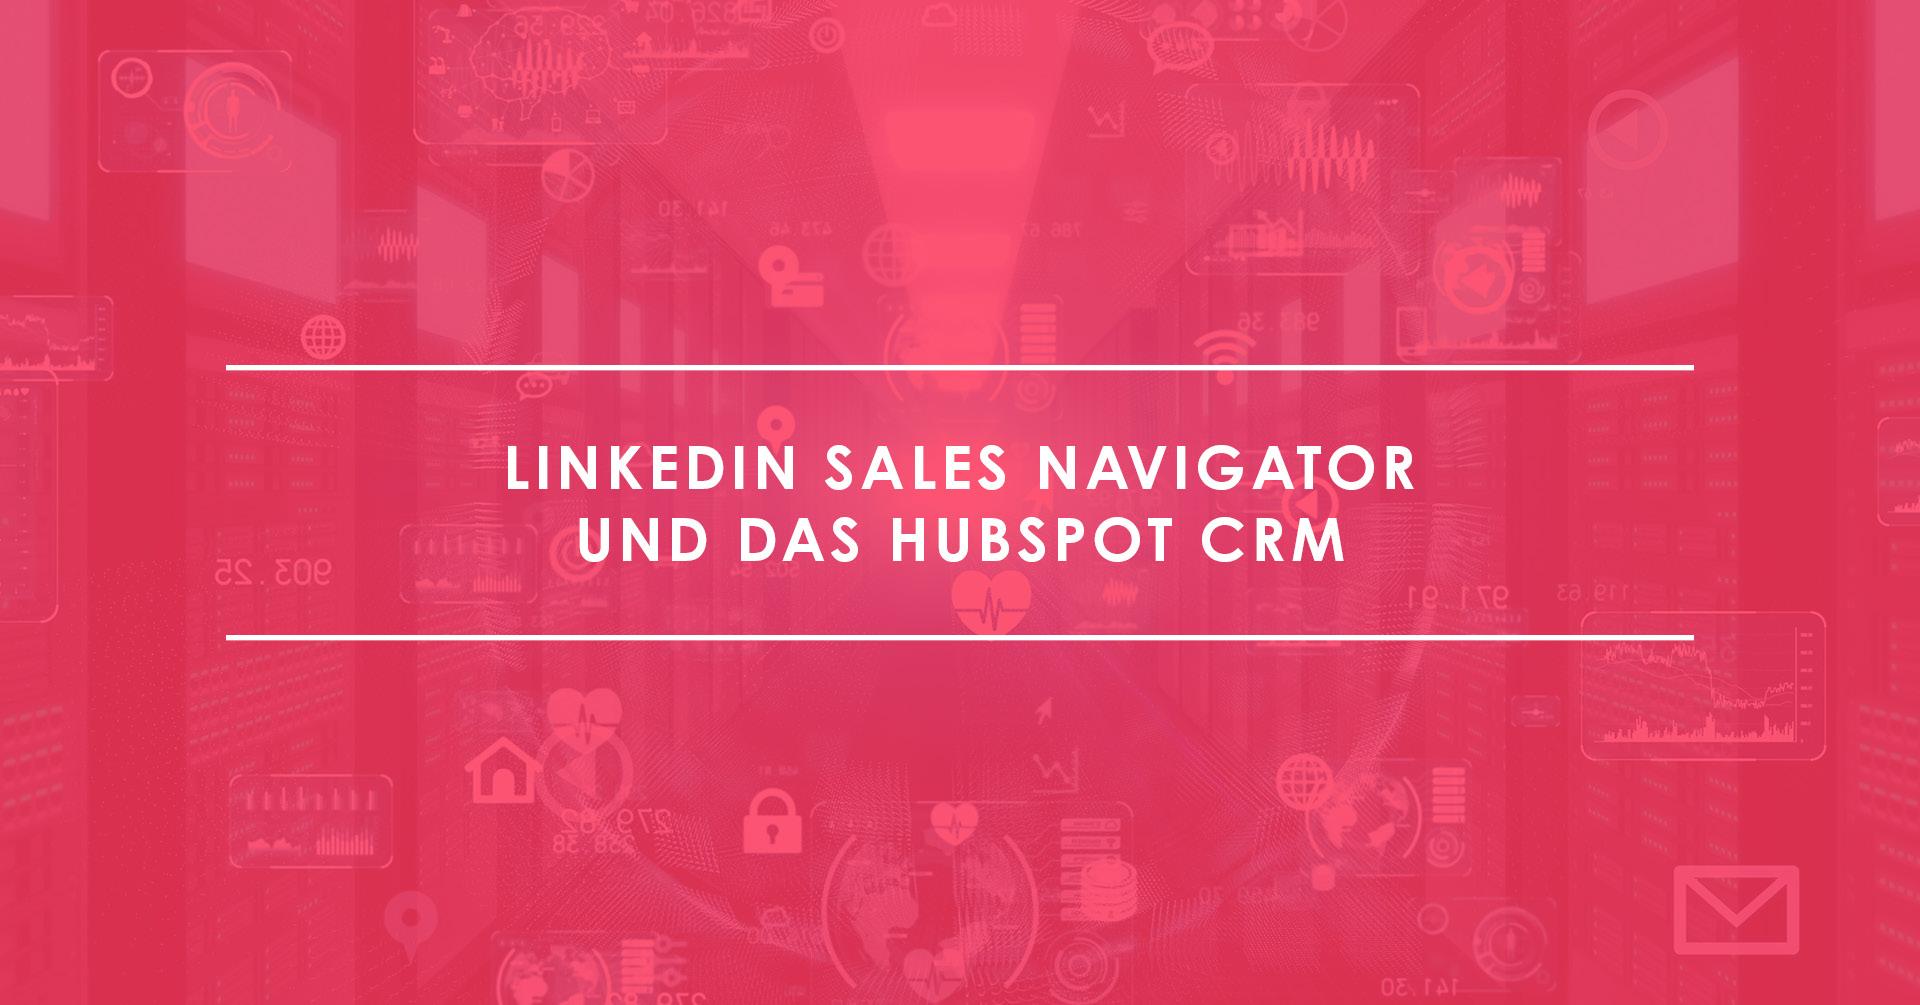 LinkedIn Sales Navigator und das HubSpot CRM